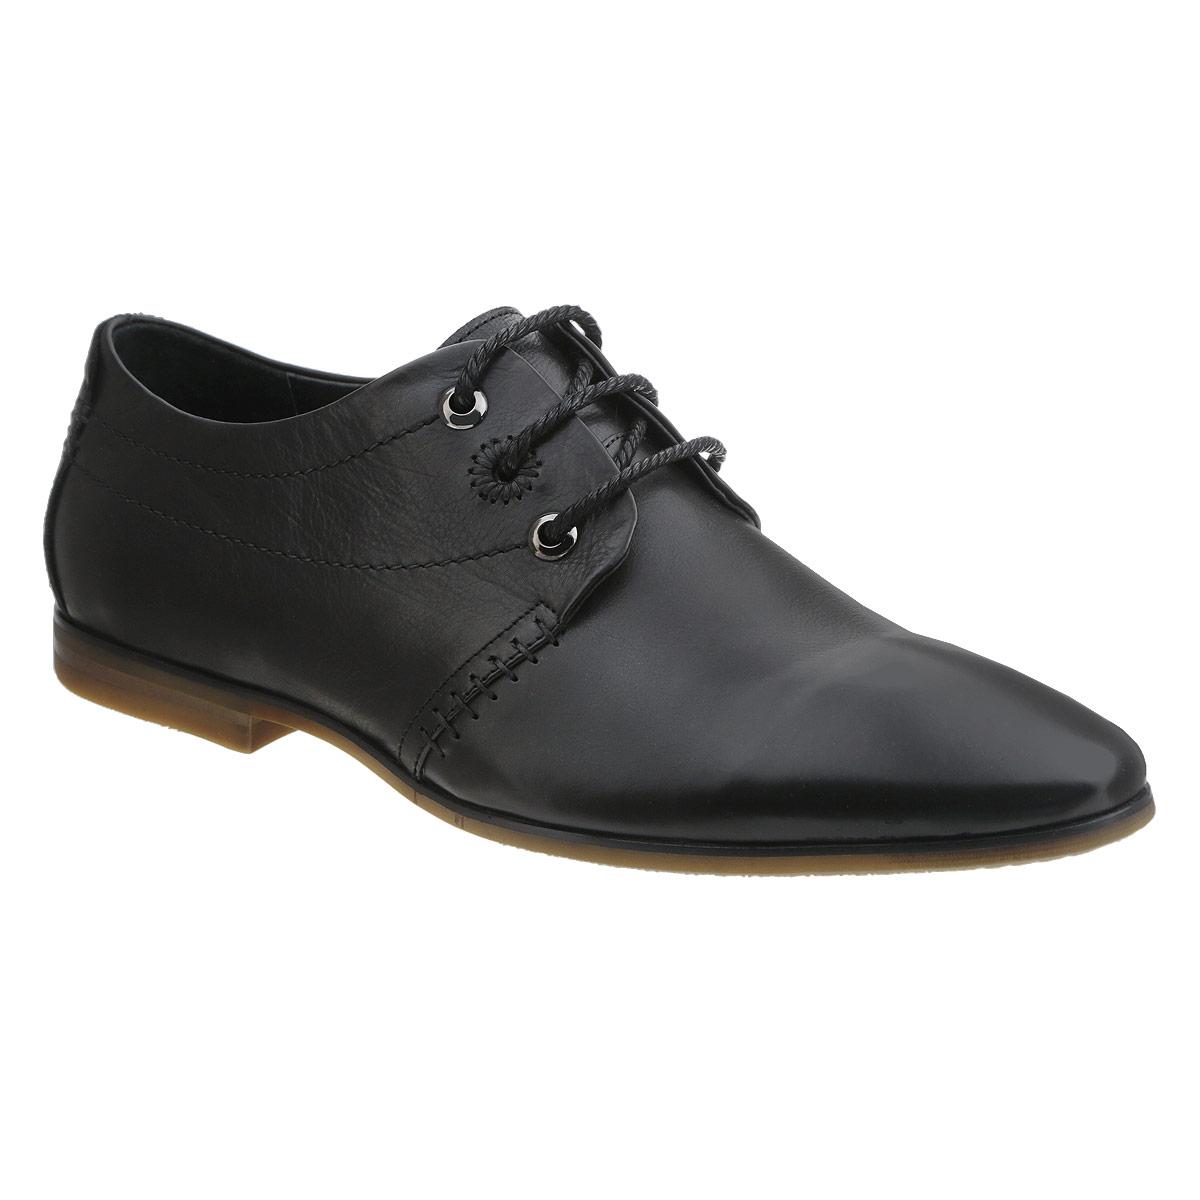 Туфли мужские. 104-198-05104-198-05Элегантные мужские туфли от Dino Ricci займут достойное место среди вашей коллекции обуви. Модель выполнена из натуральной высококачественной кожи и оформлена декоративными внешними швами. Шнуровка позволяет прочно зафиксировать модель на ноге. Стелька из натуральной кожи оснащена перфорацией, позволяющей вашим ногам дышать. Каблук и подошва с рифлением обеспечивают отличное сцепление с поверхностью. Стильные туфли прекрасно дополнят ваш деловой образ.